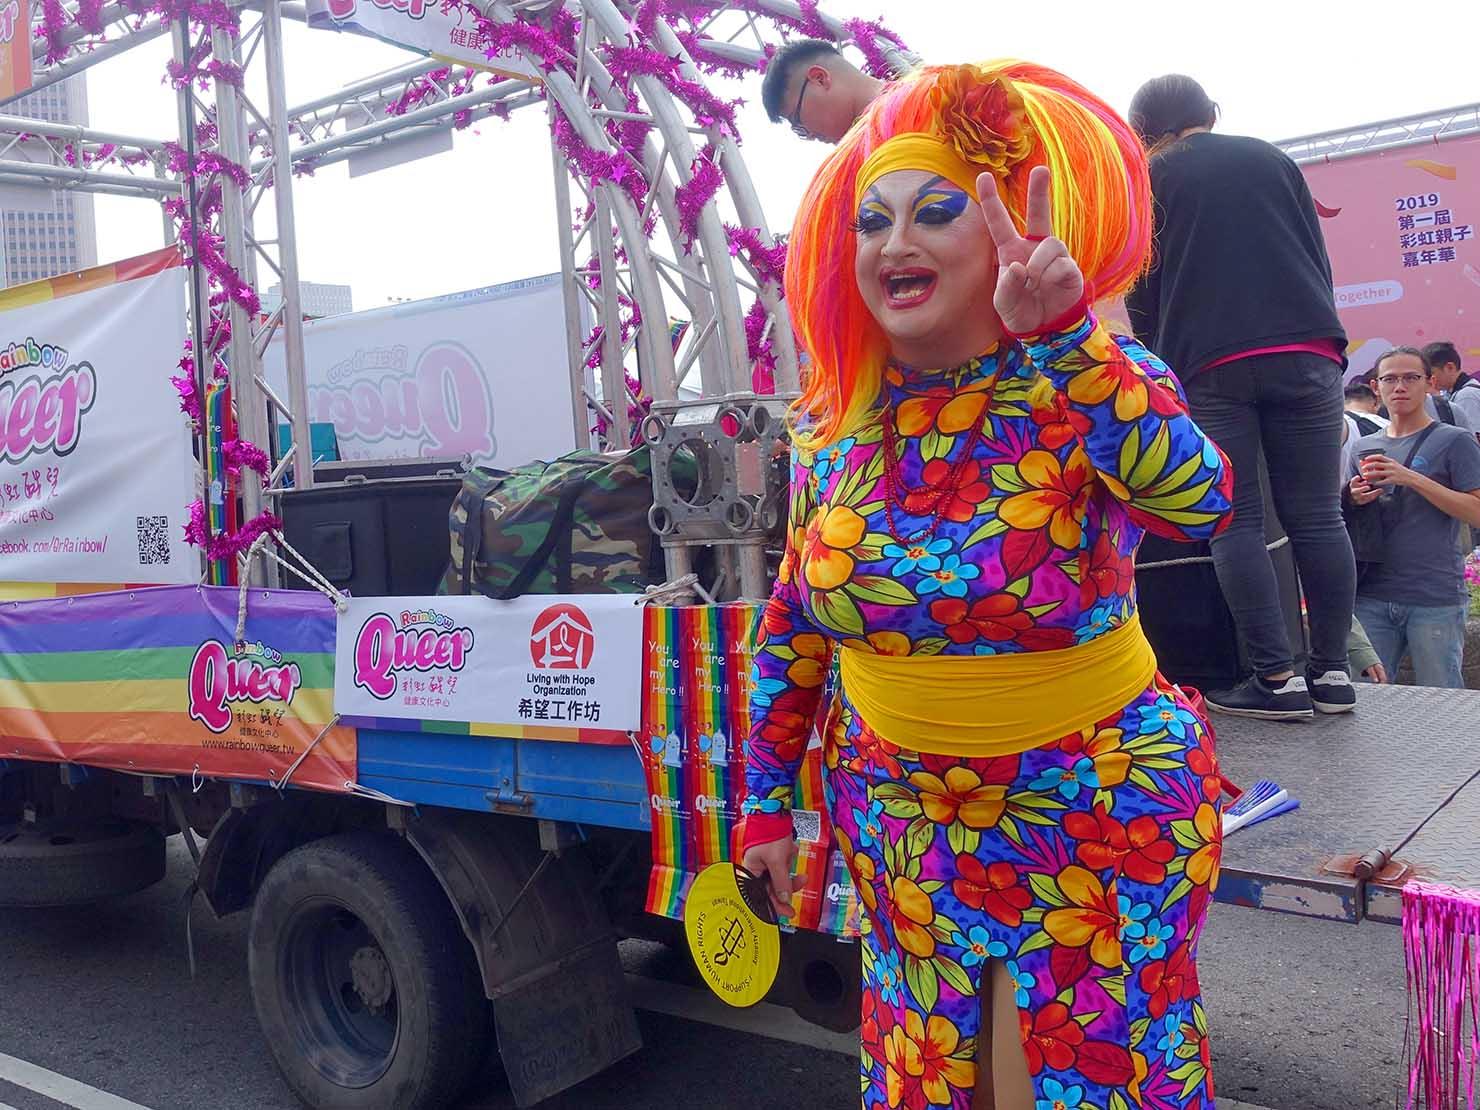 台灣同志遊行(台湾LGBTプライド)2019の会場で撮影に応じるドラァグクイーン